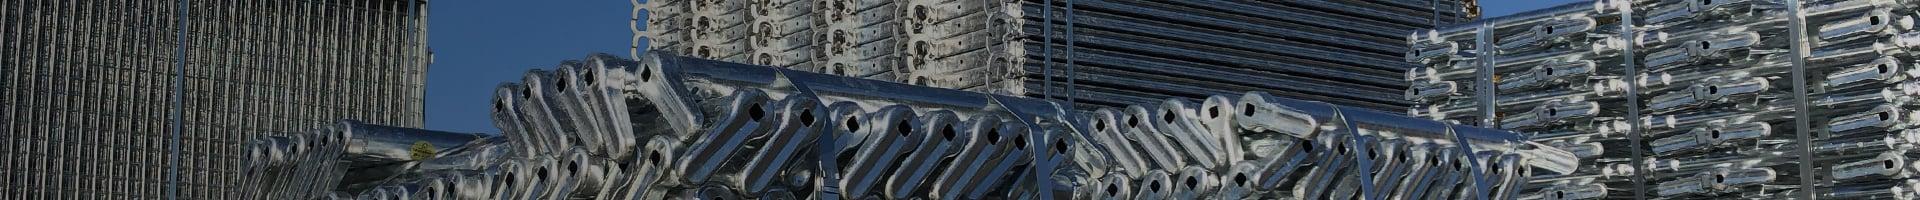 「仮設足場資材のレンタル」イメージ画像